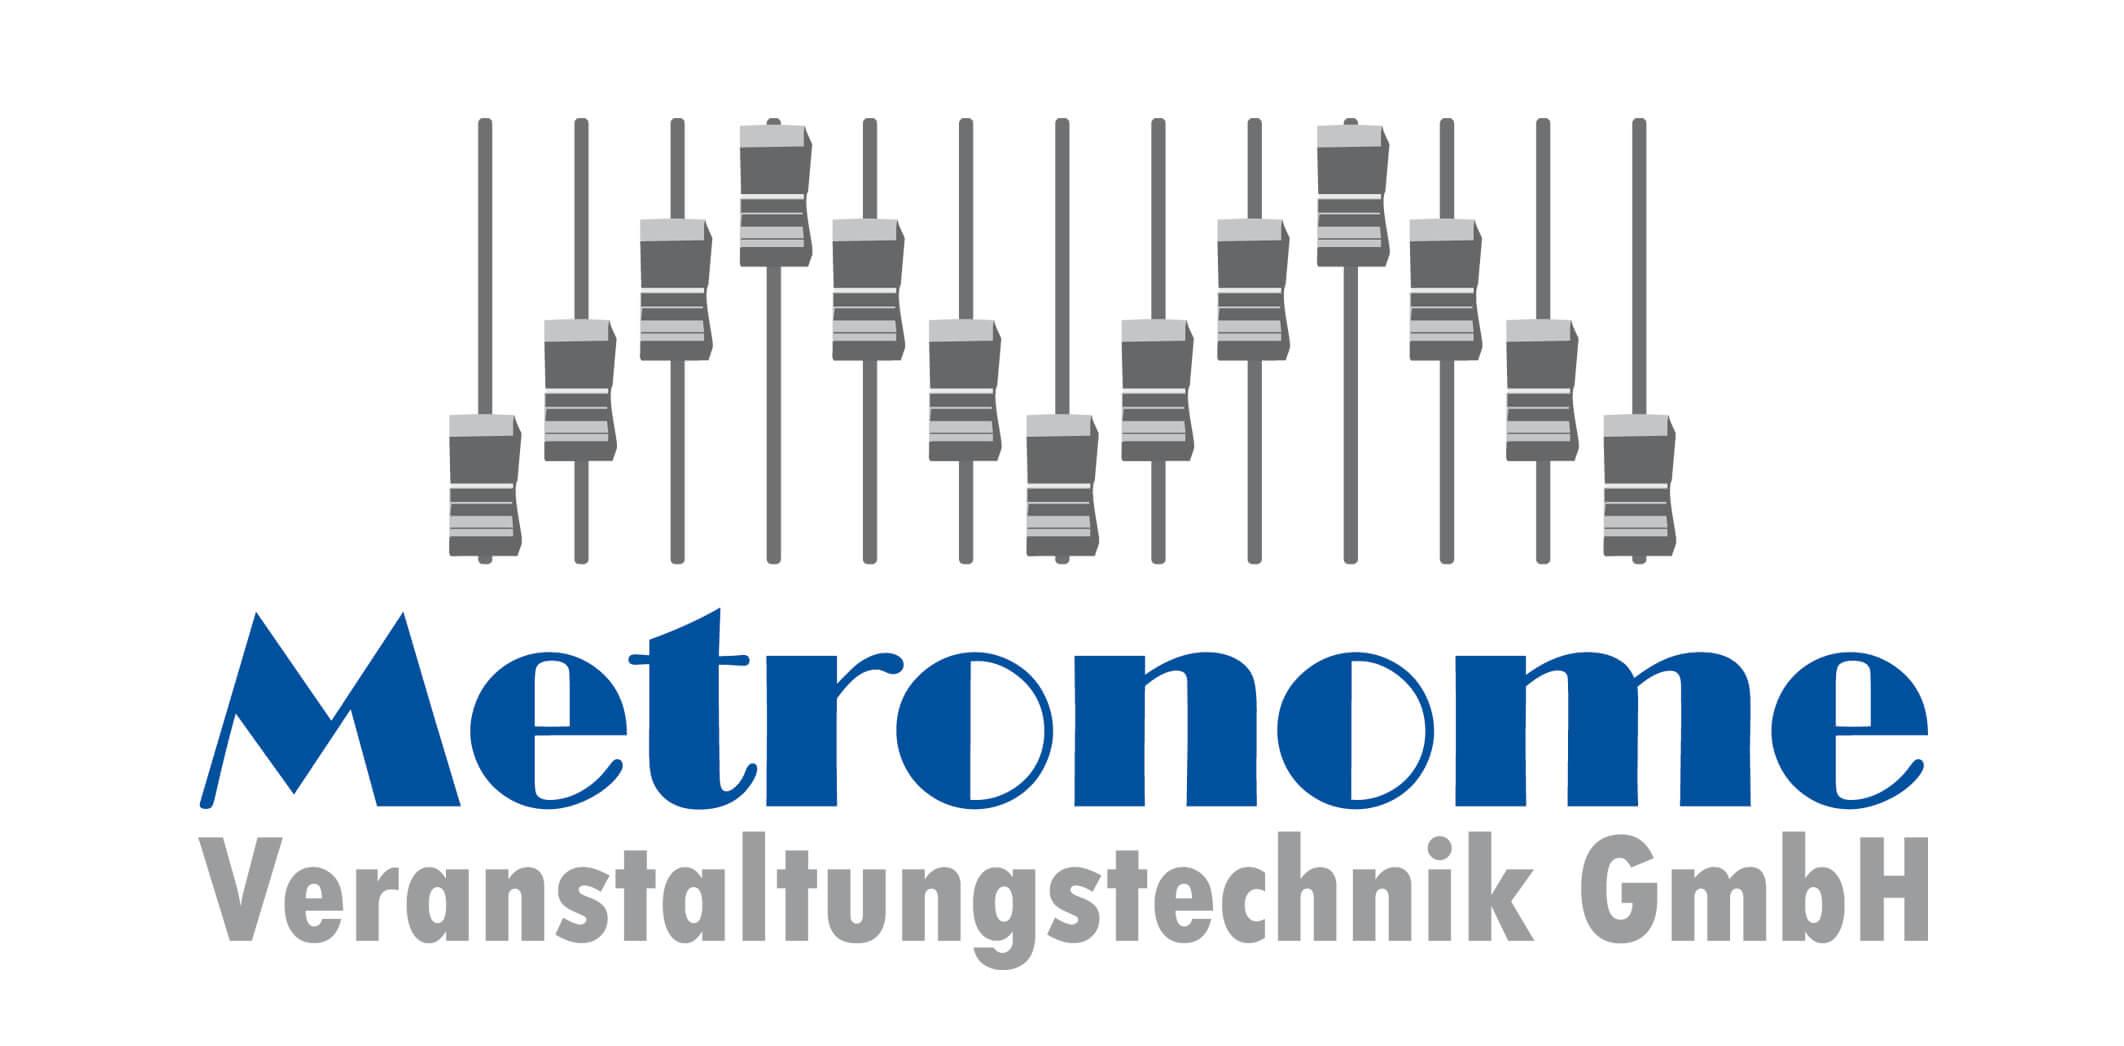 Metronome-logo-Gross-weiss